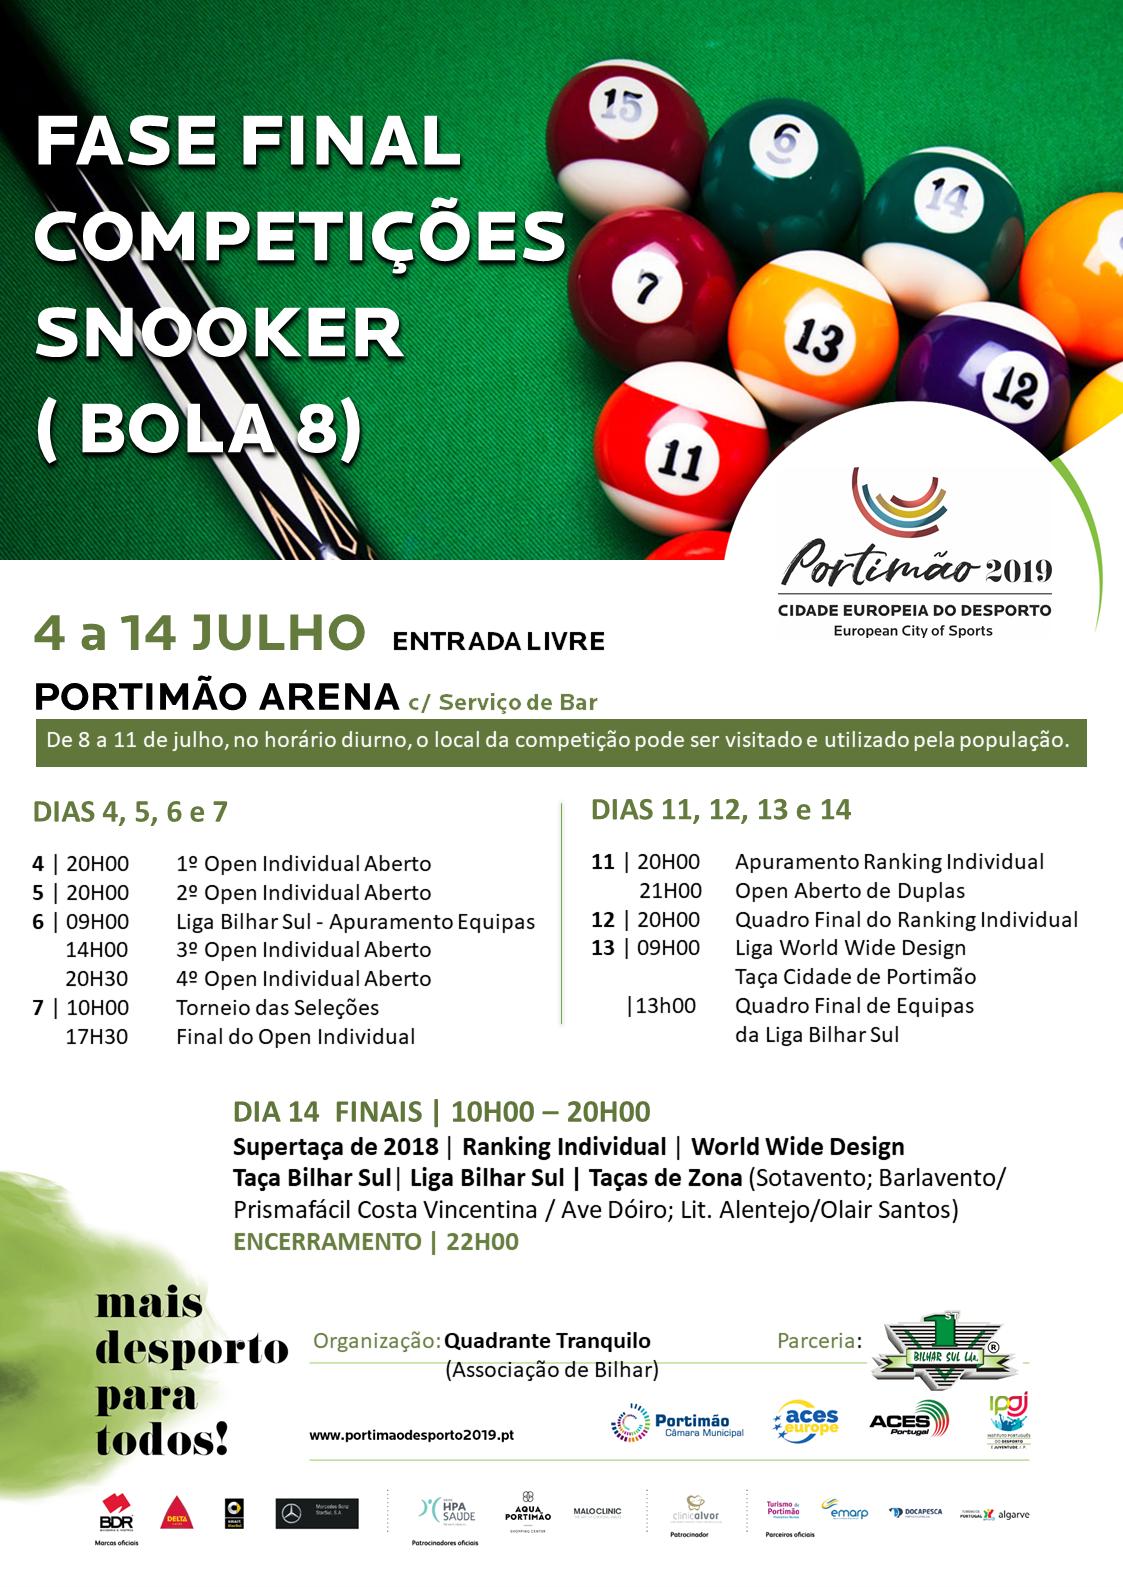 Fase Final Competições Snooker (bola 8)